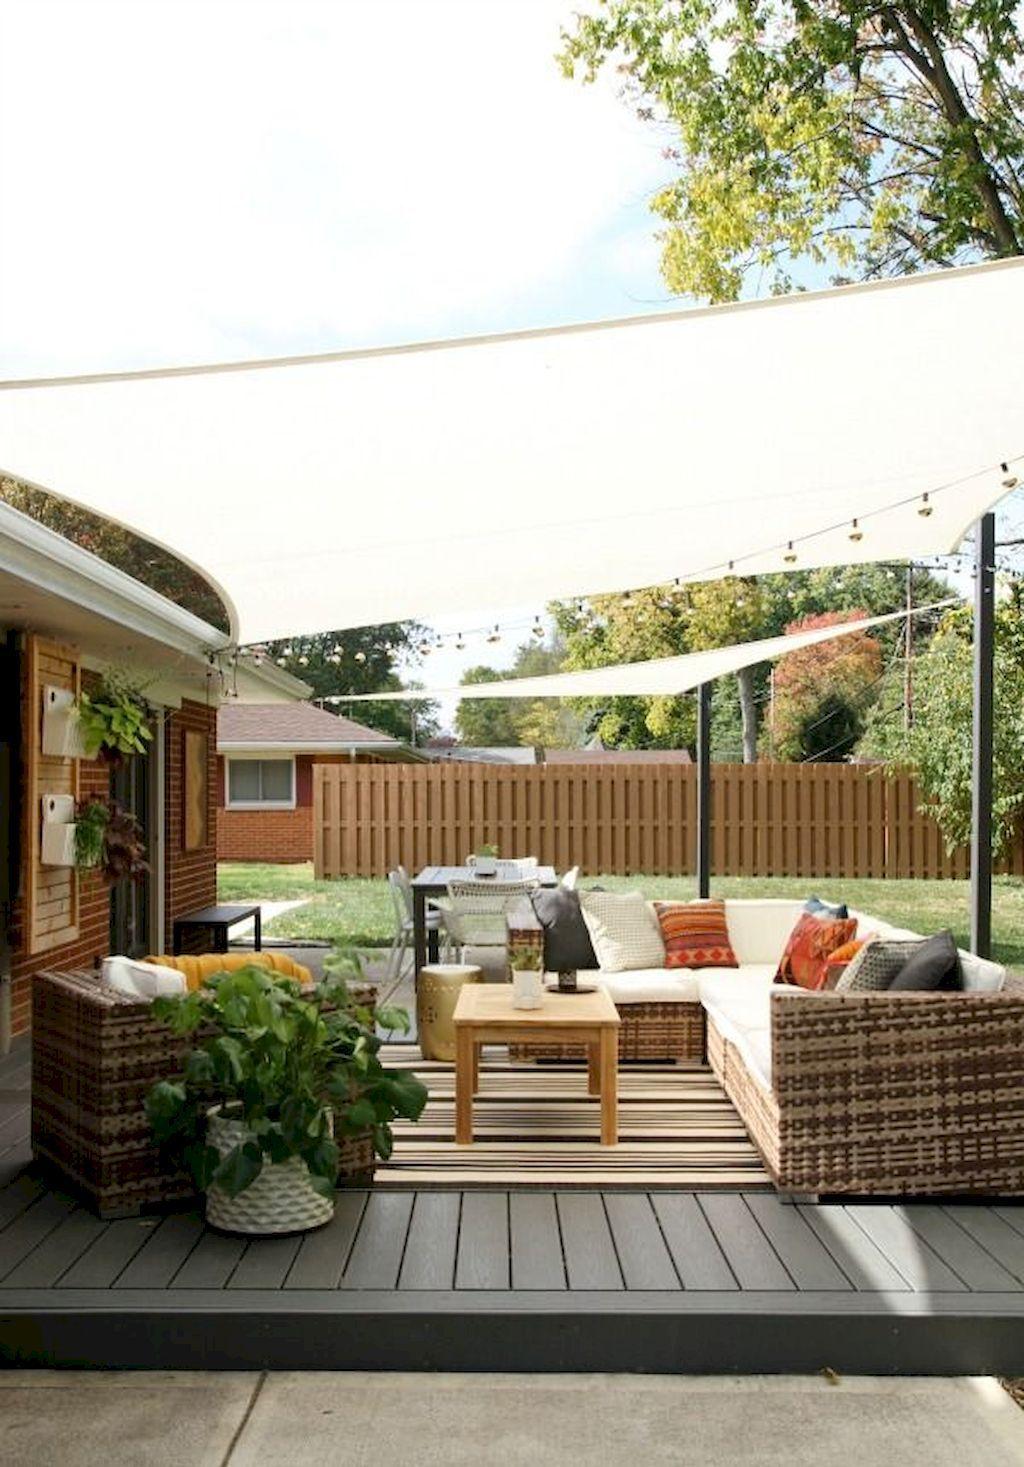 Adorable 75 incredible outdoor patio design ideas for